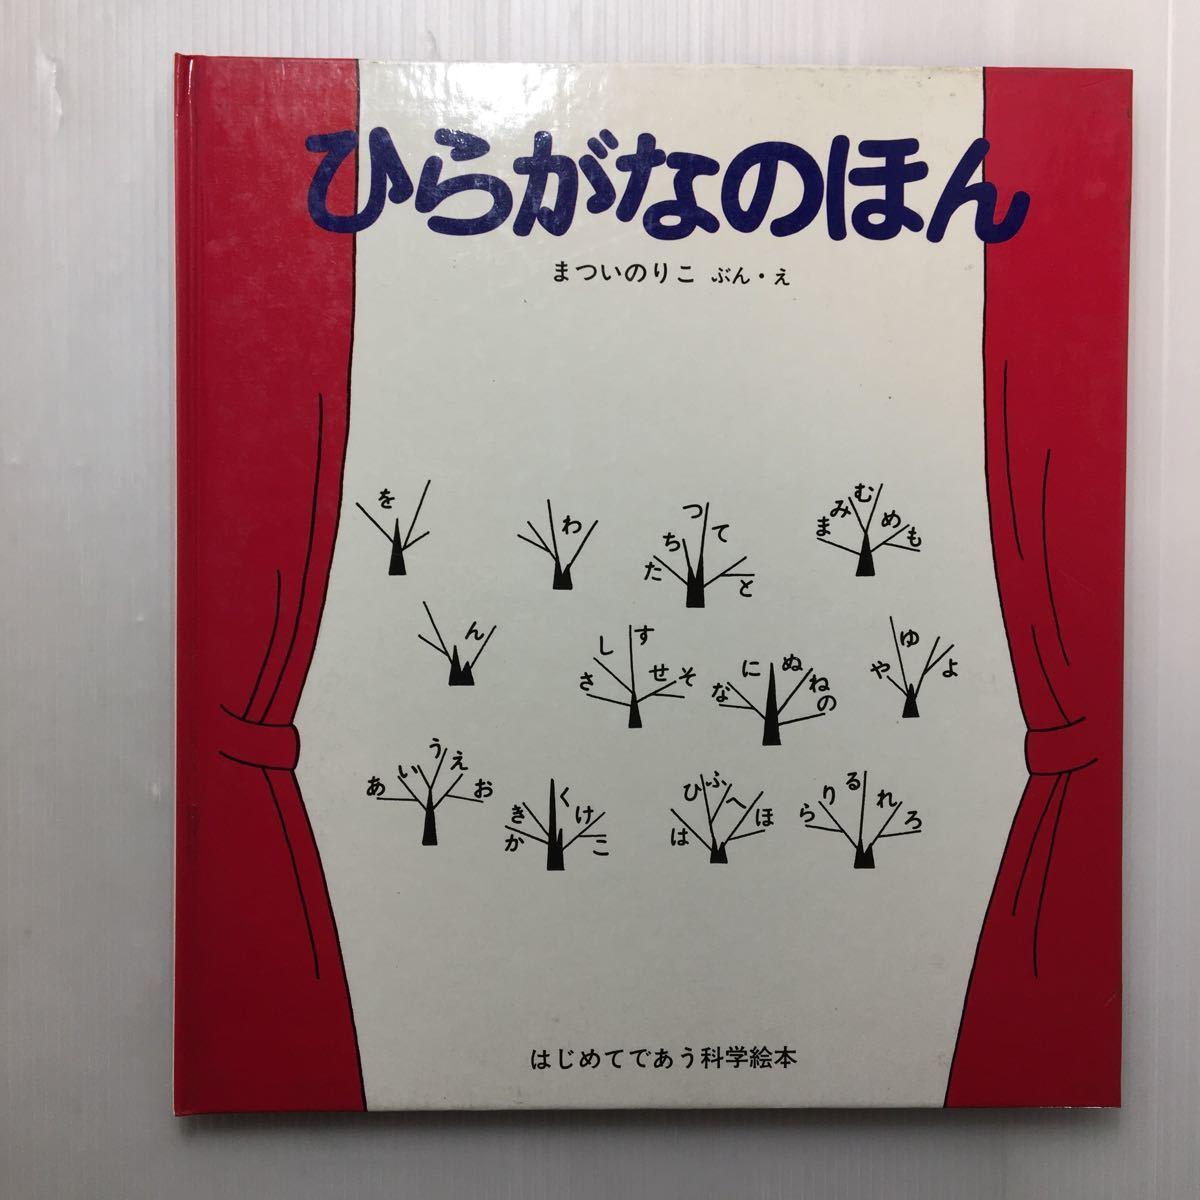 zaa-m1b♪らがなのほん (かがくのとも傑作集―わくわくにんげん) (福音館書店) 単行本 1971/7/1 まつい のりこ